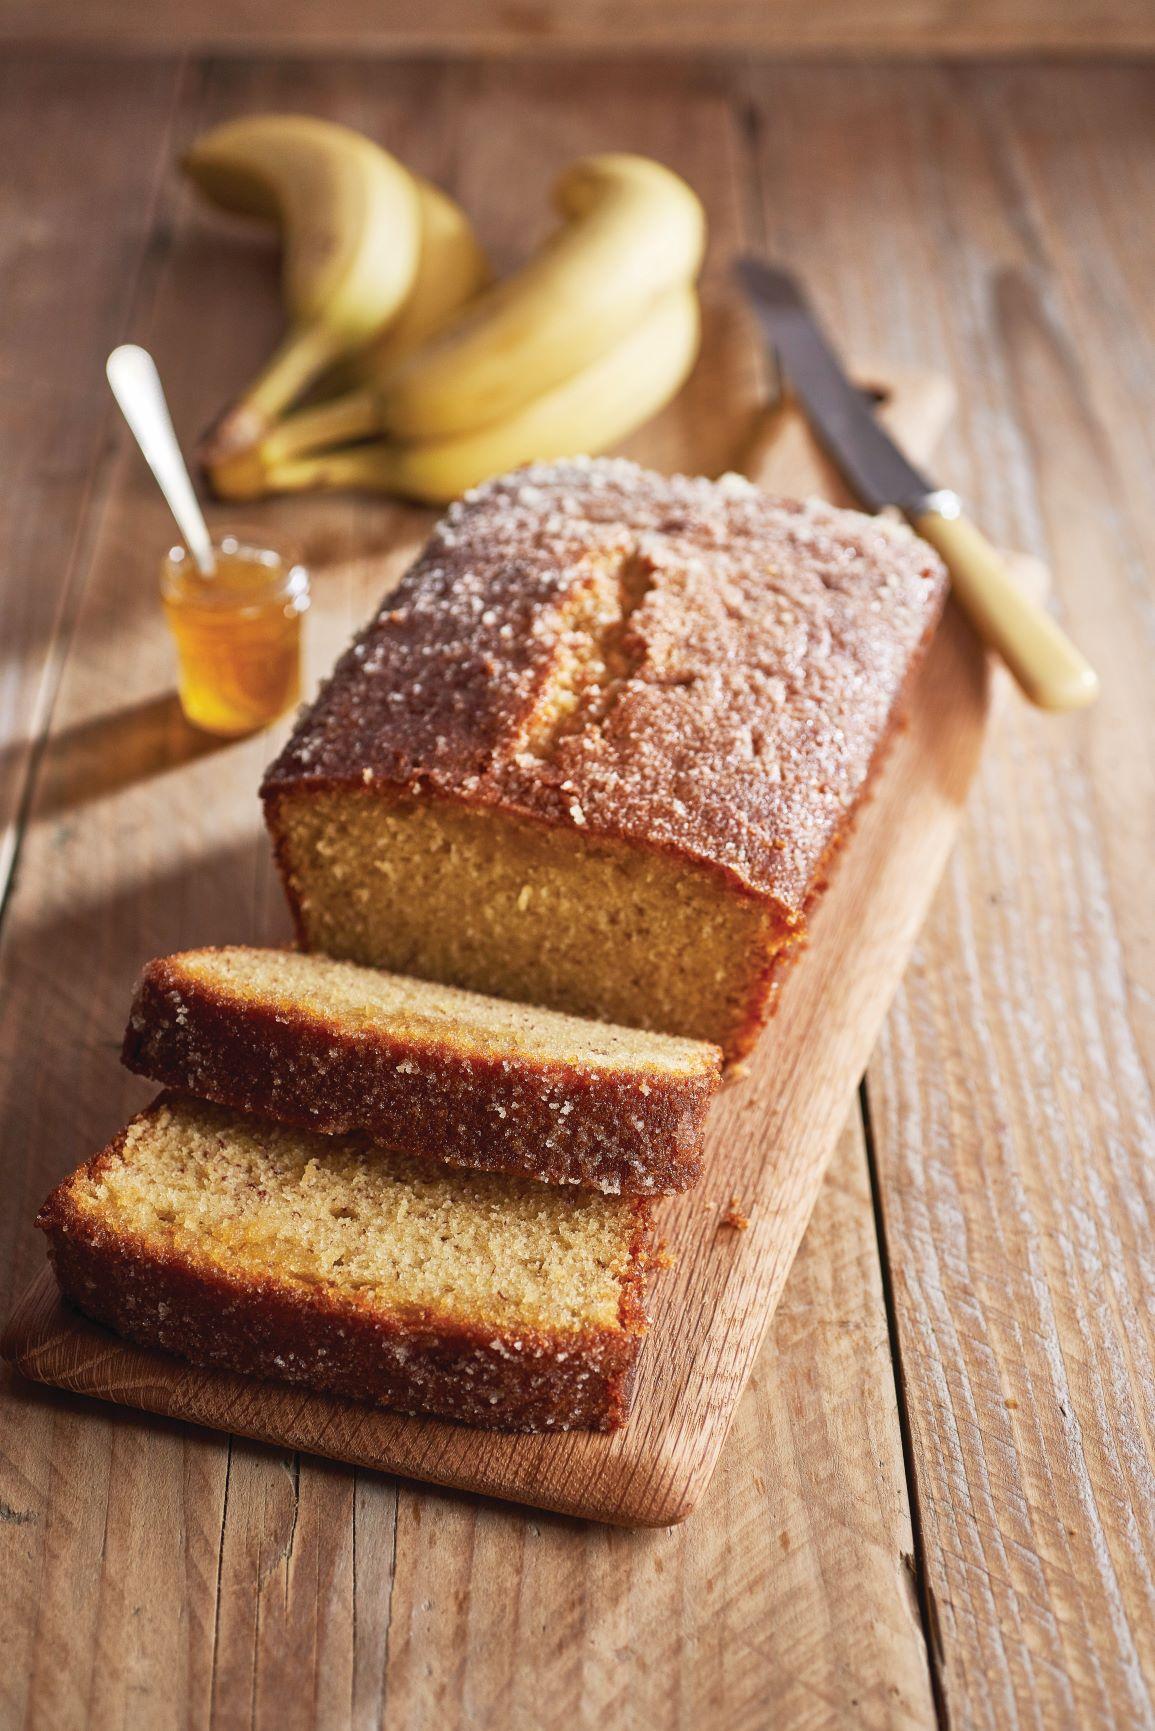 Banana and honey cake